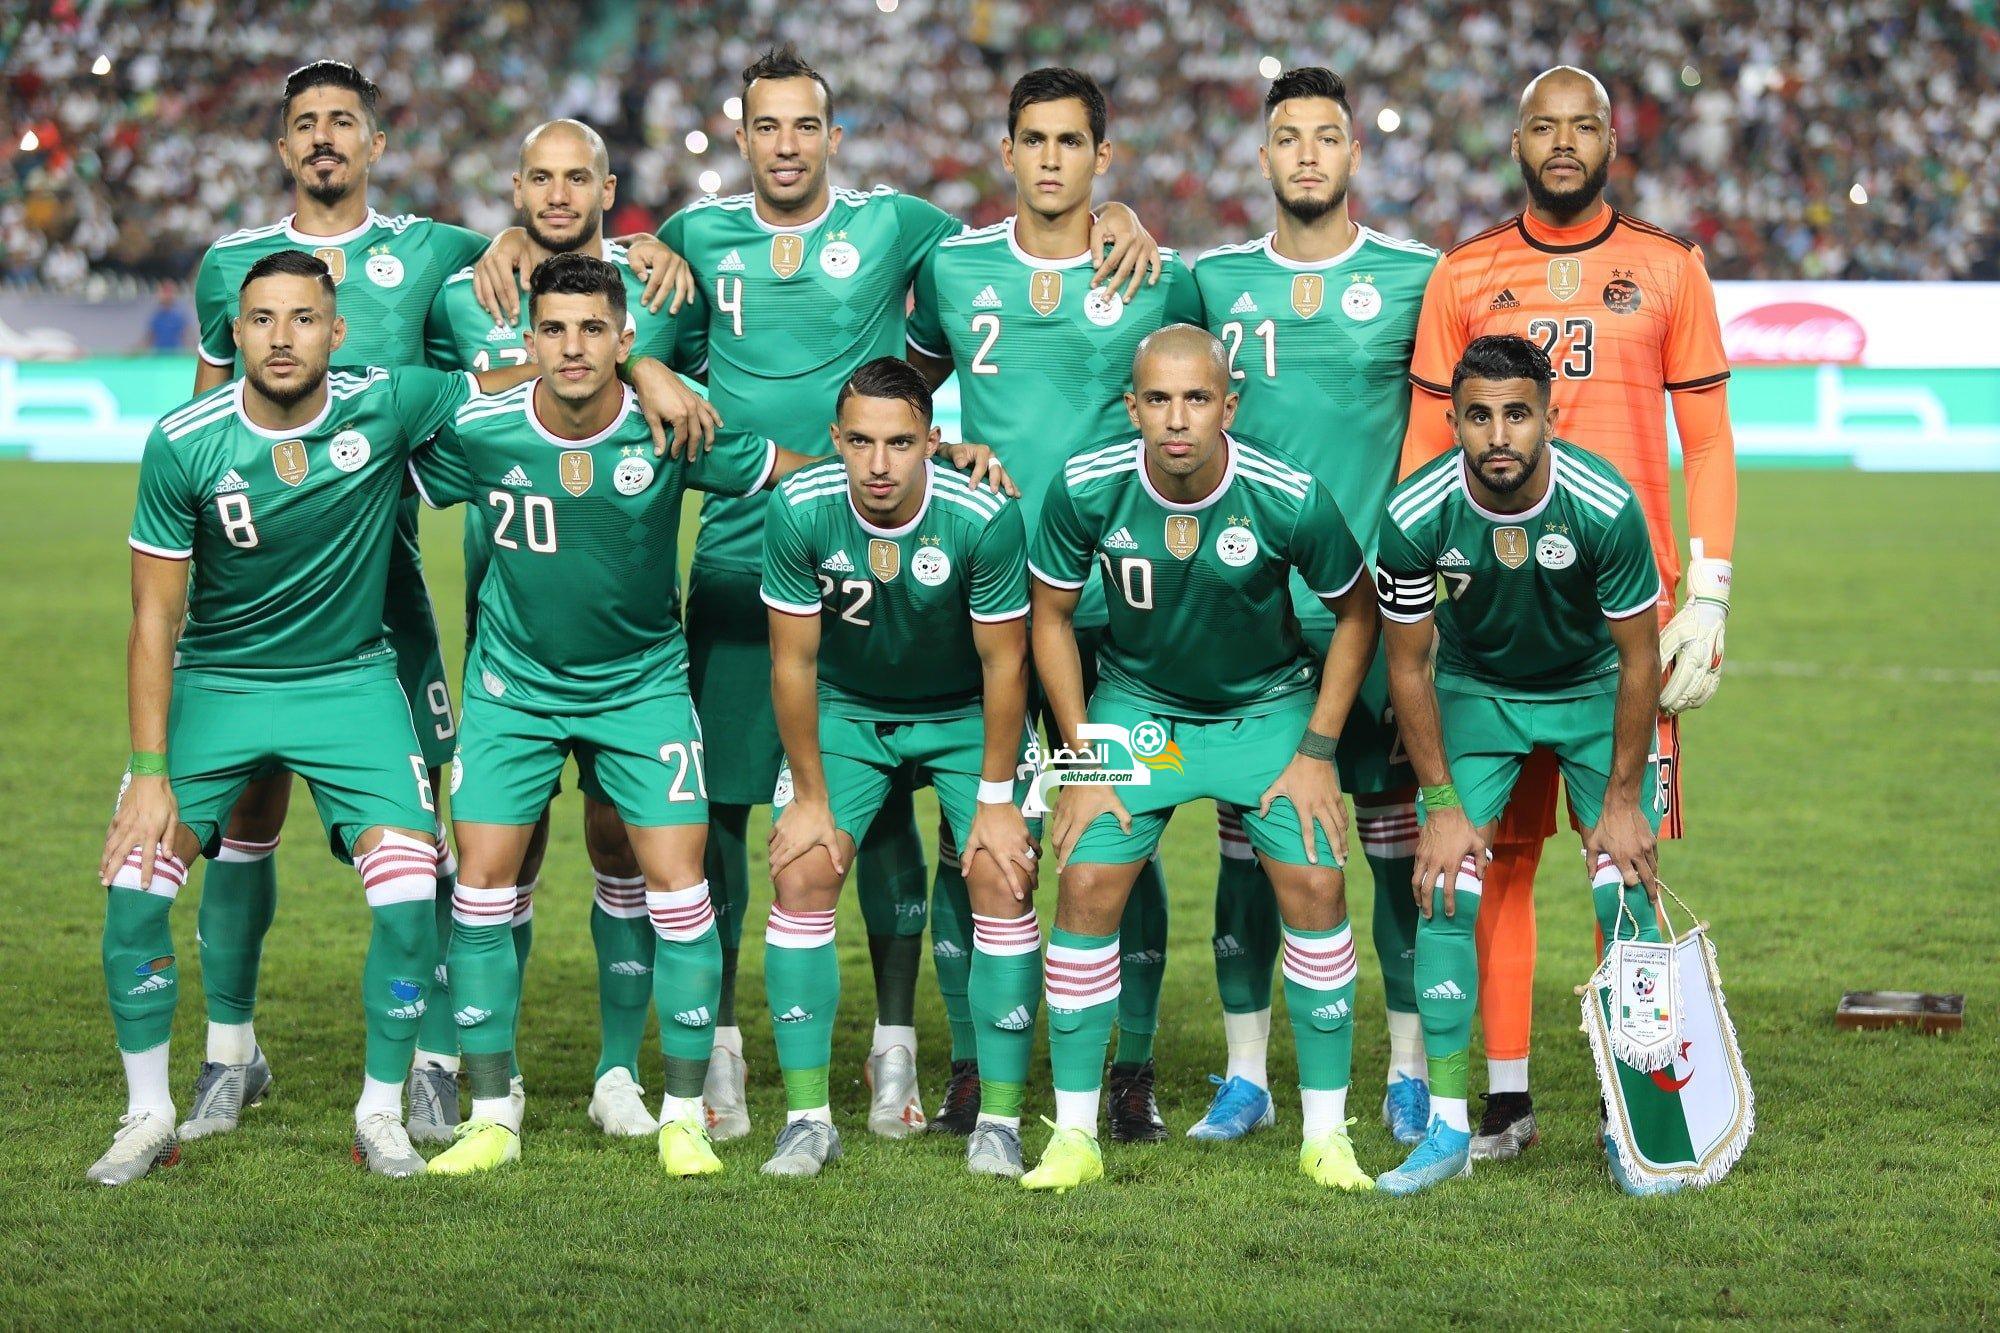 التشكيلة المتوقعة لمنتخب الجزائر ضد كولومبيا 24